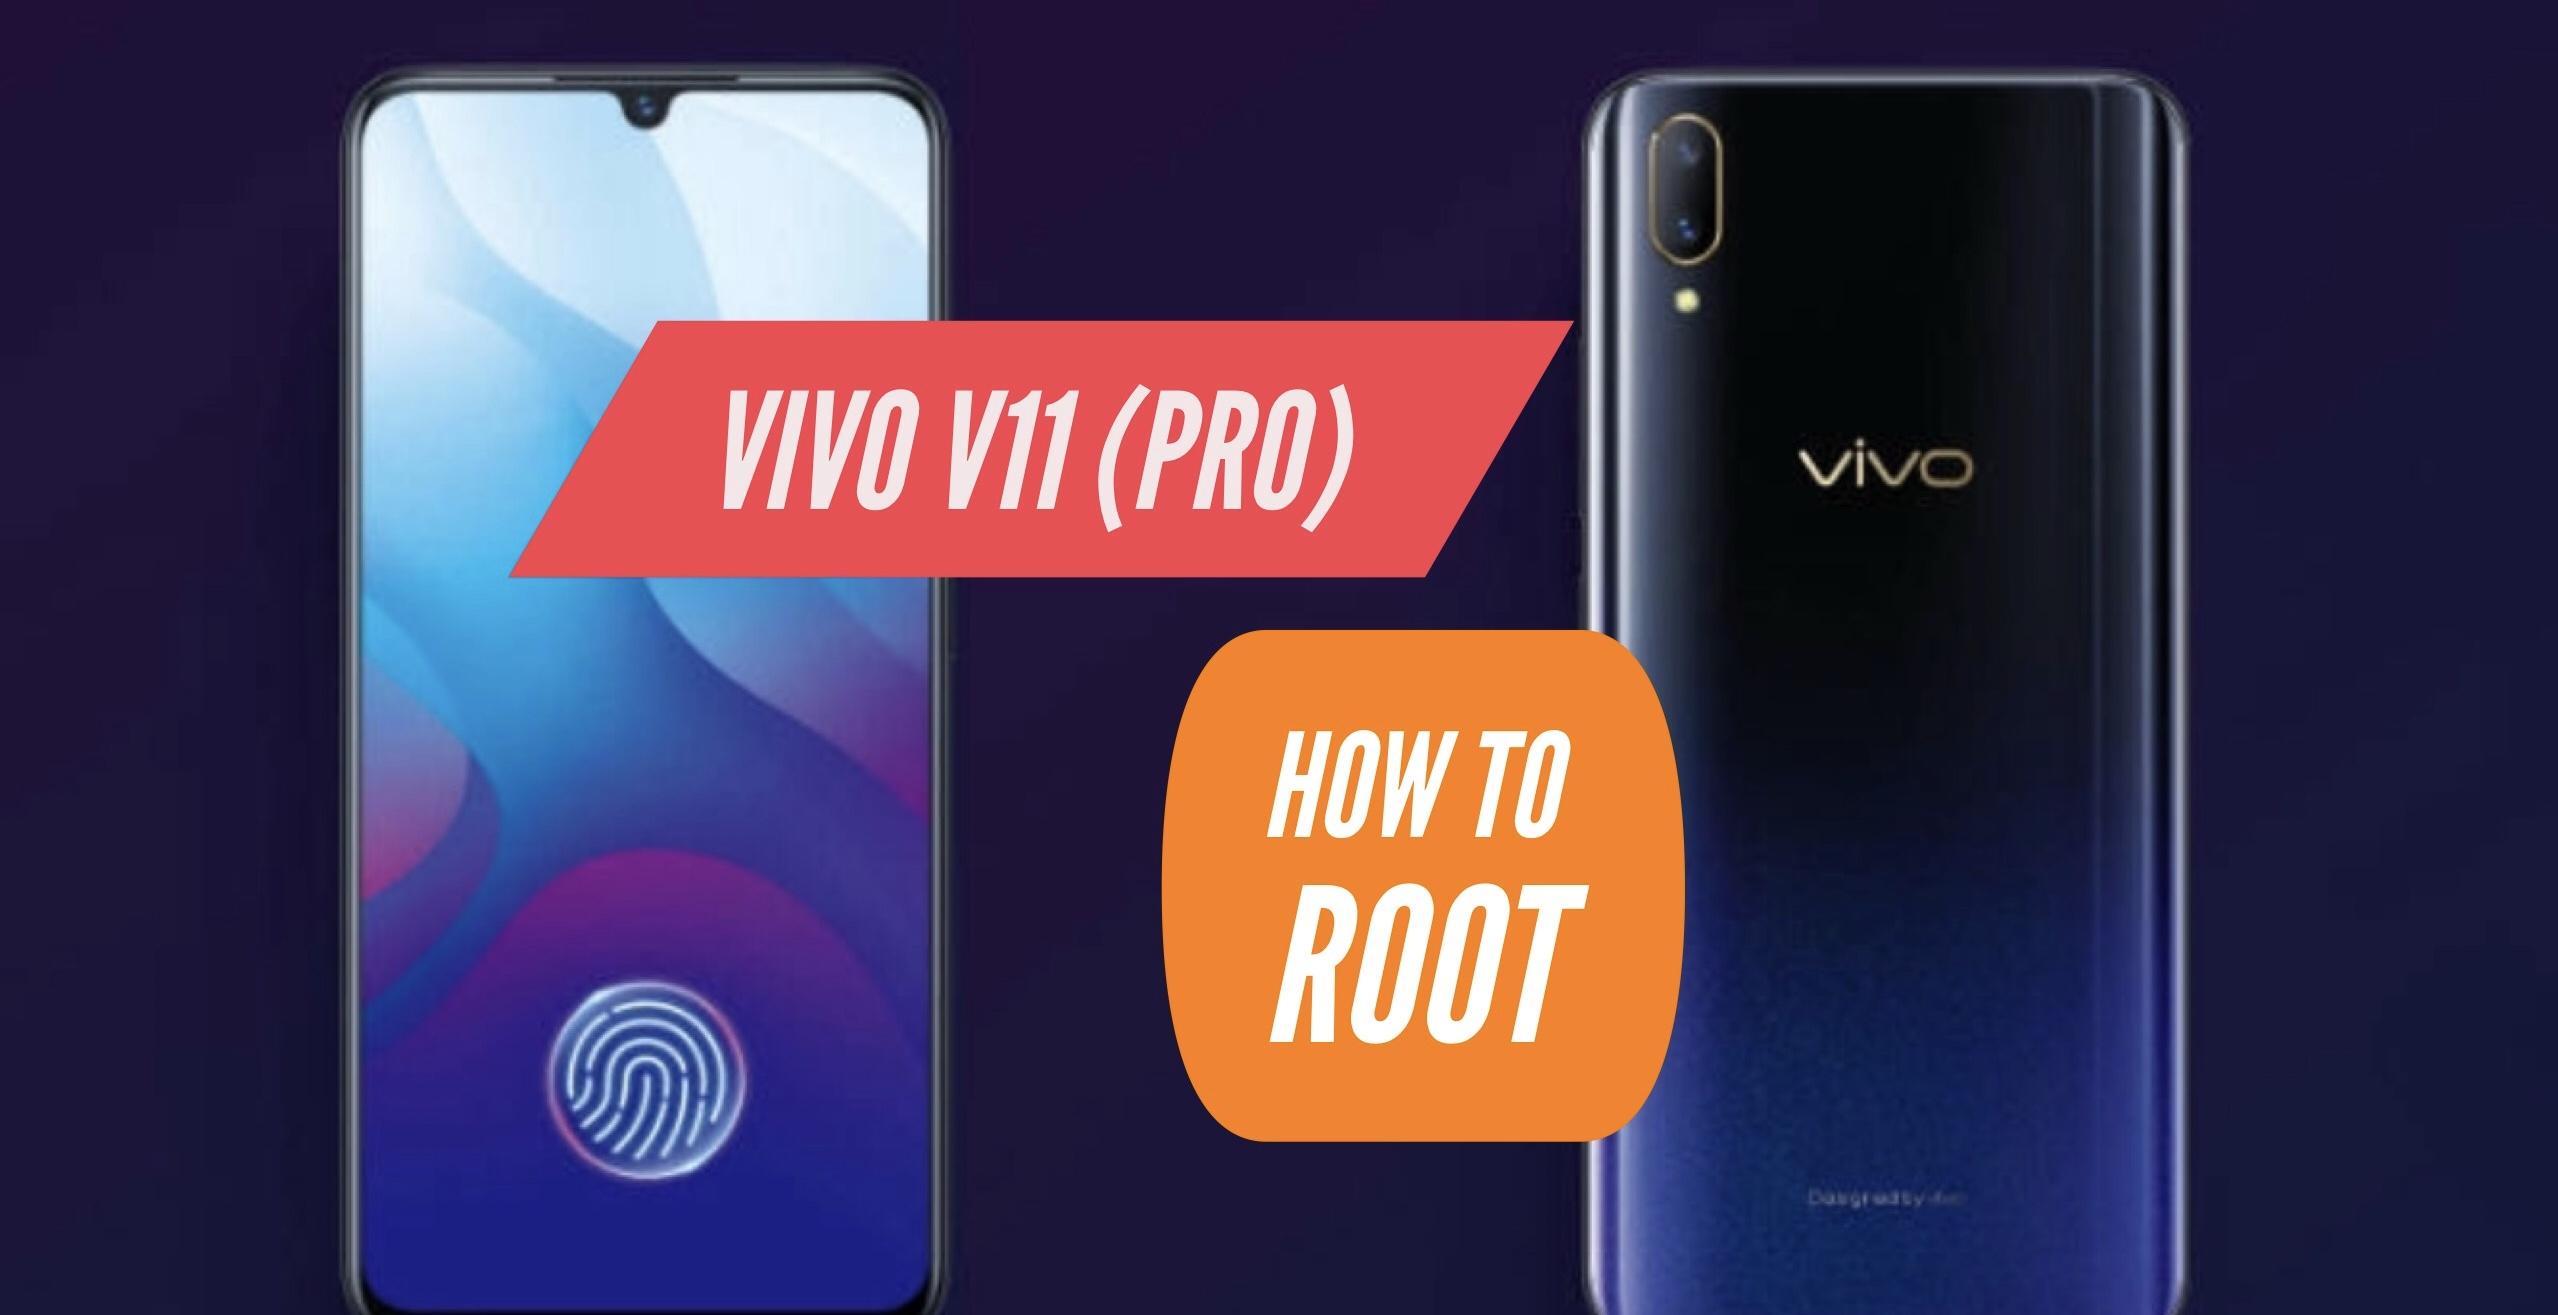 Download iroot apk tanpa pc | Cara Mudah Root Android Dengan iRoot